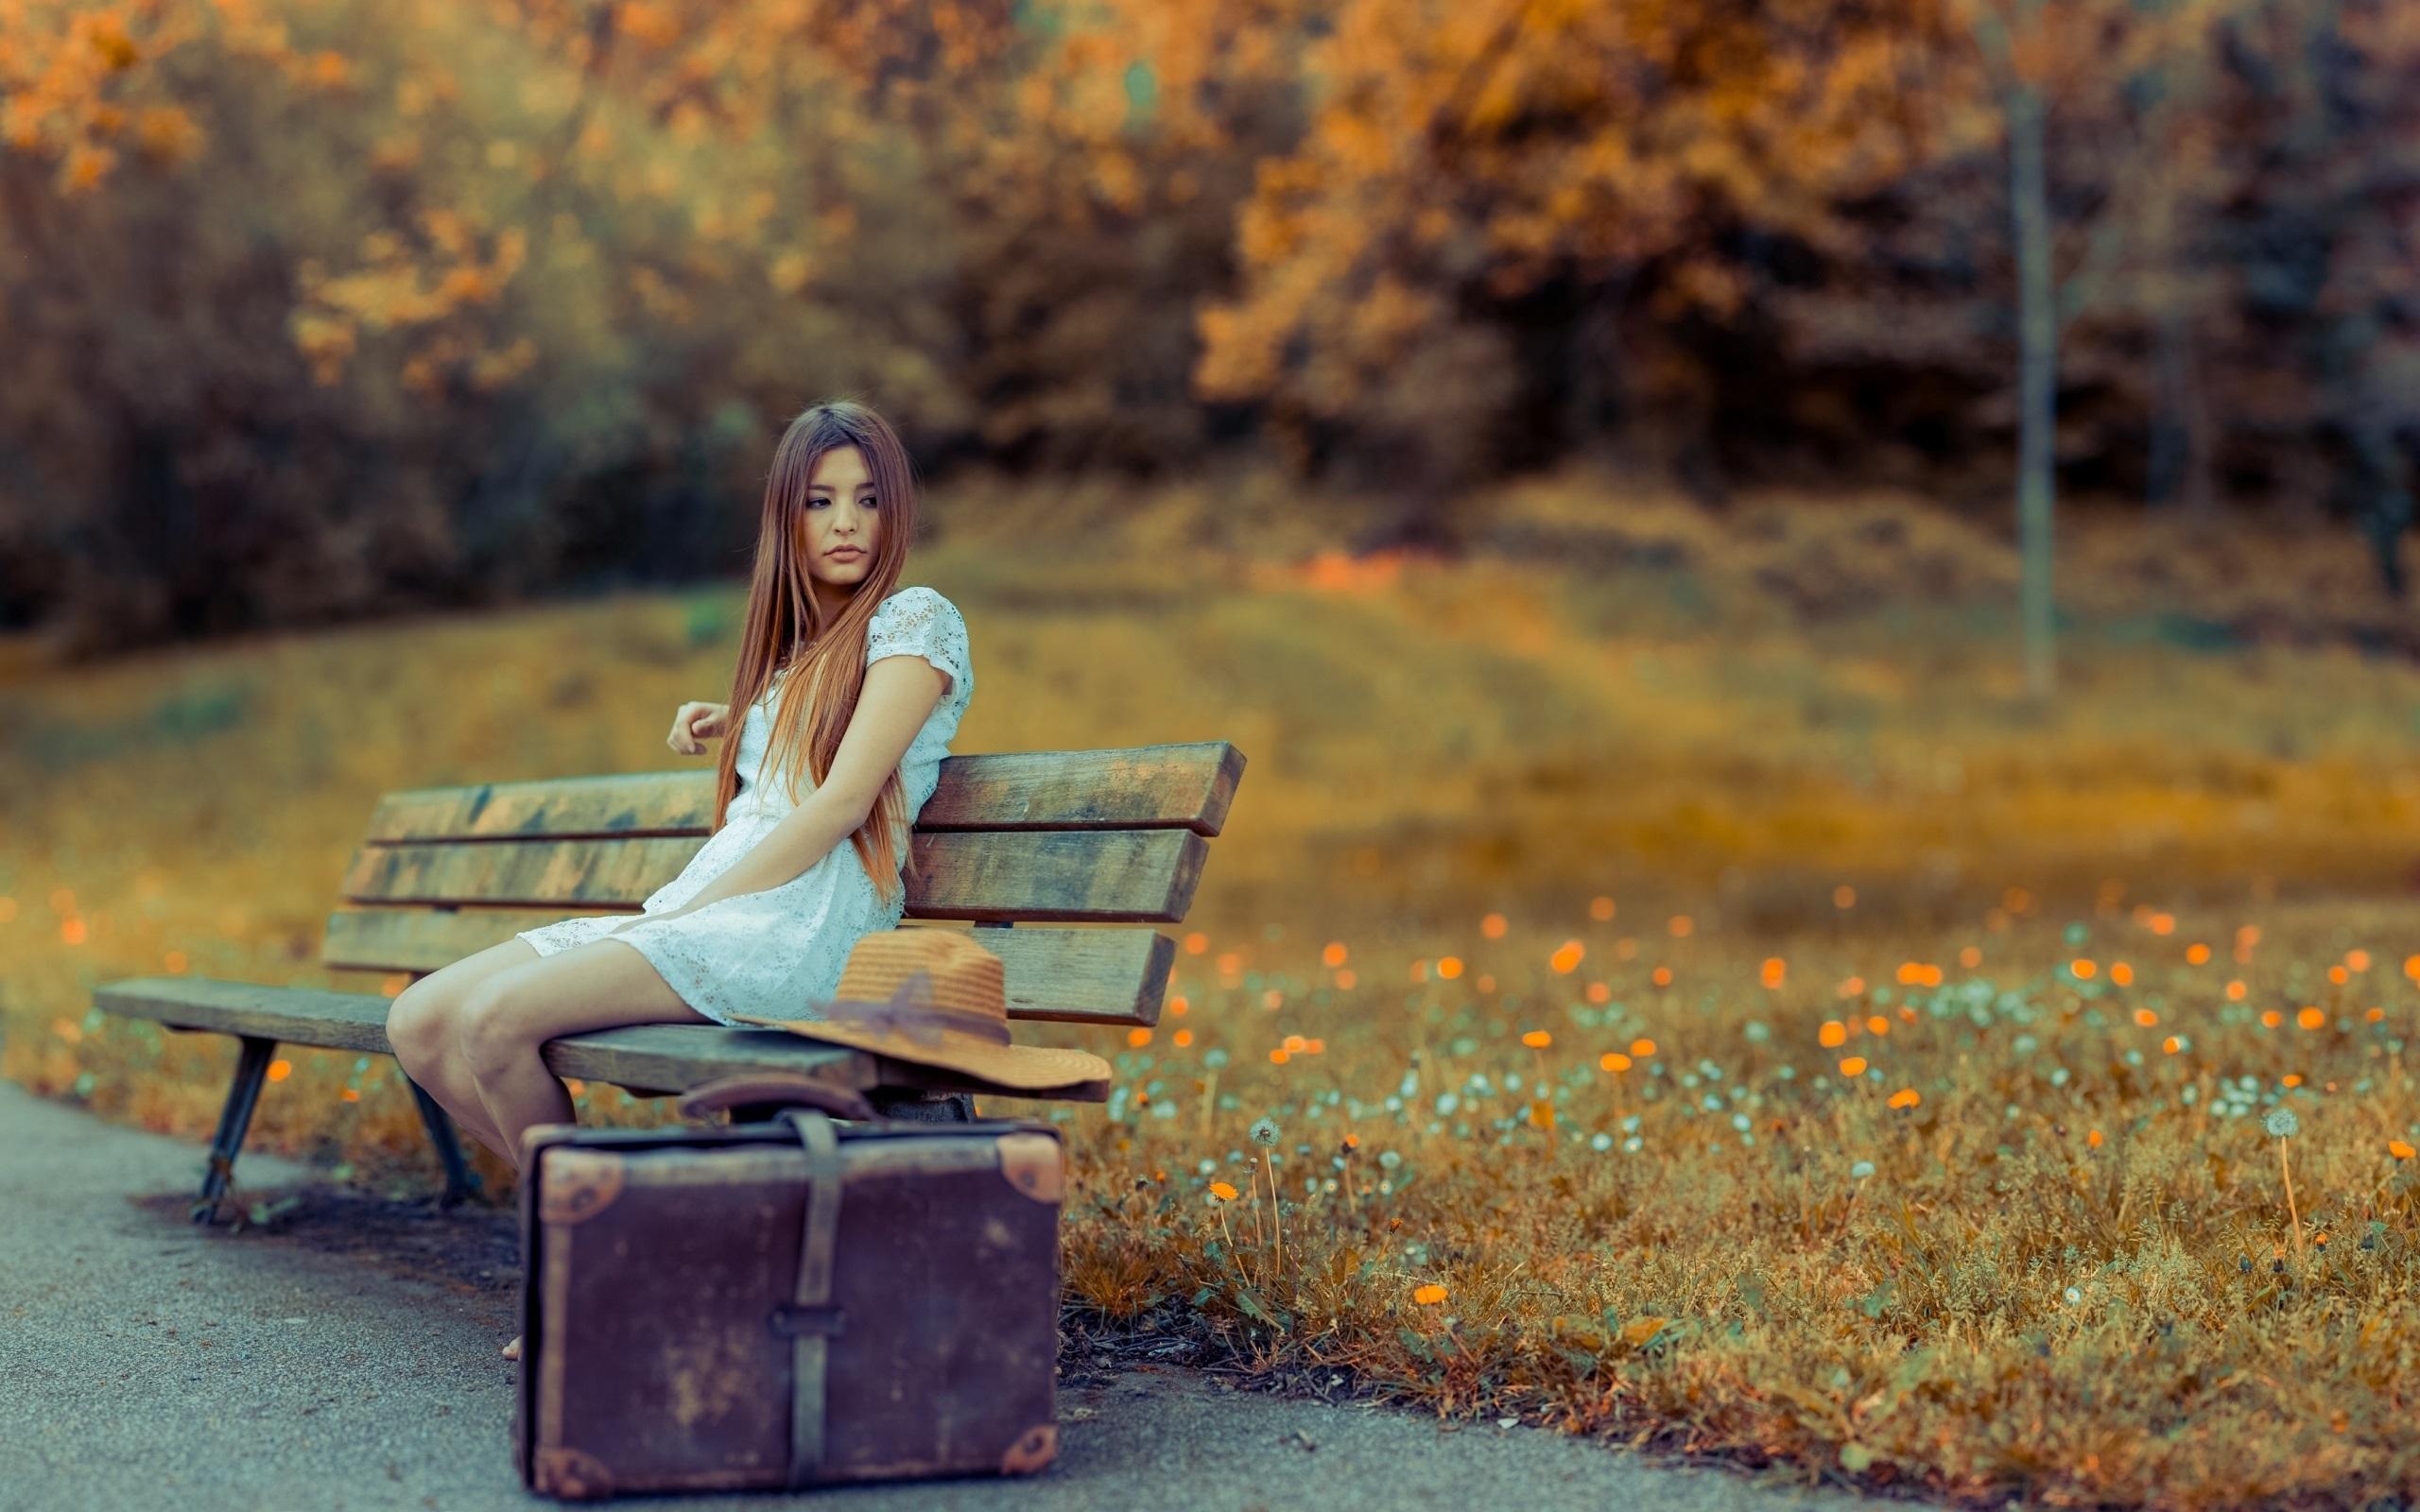 девушка на скамейке с сумкой и фотоаппаратом  № 2676842 бесплатно